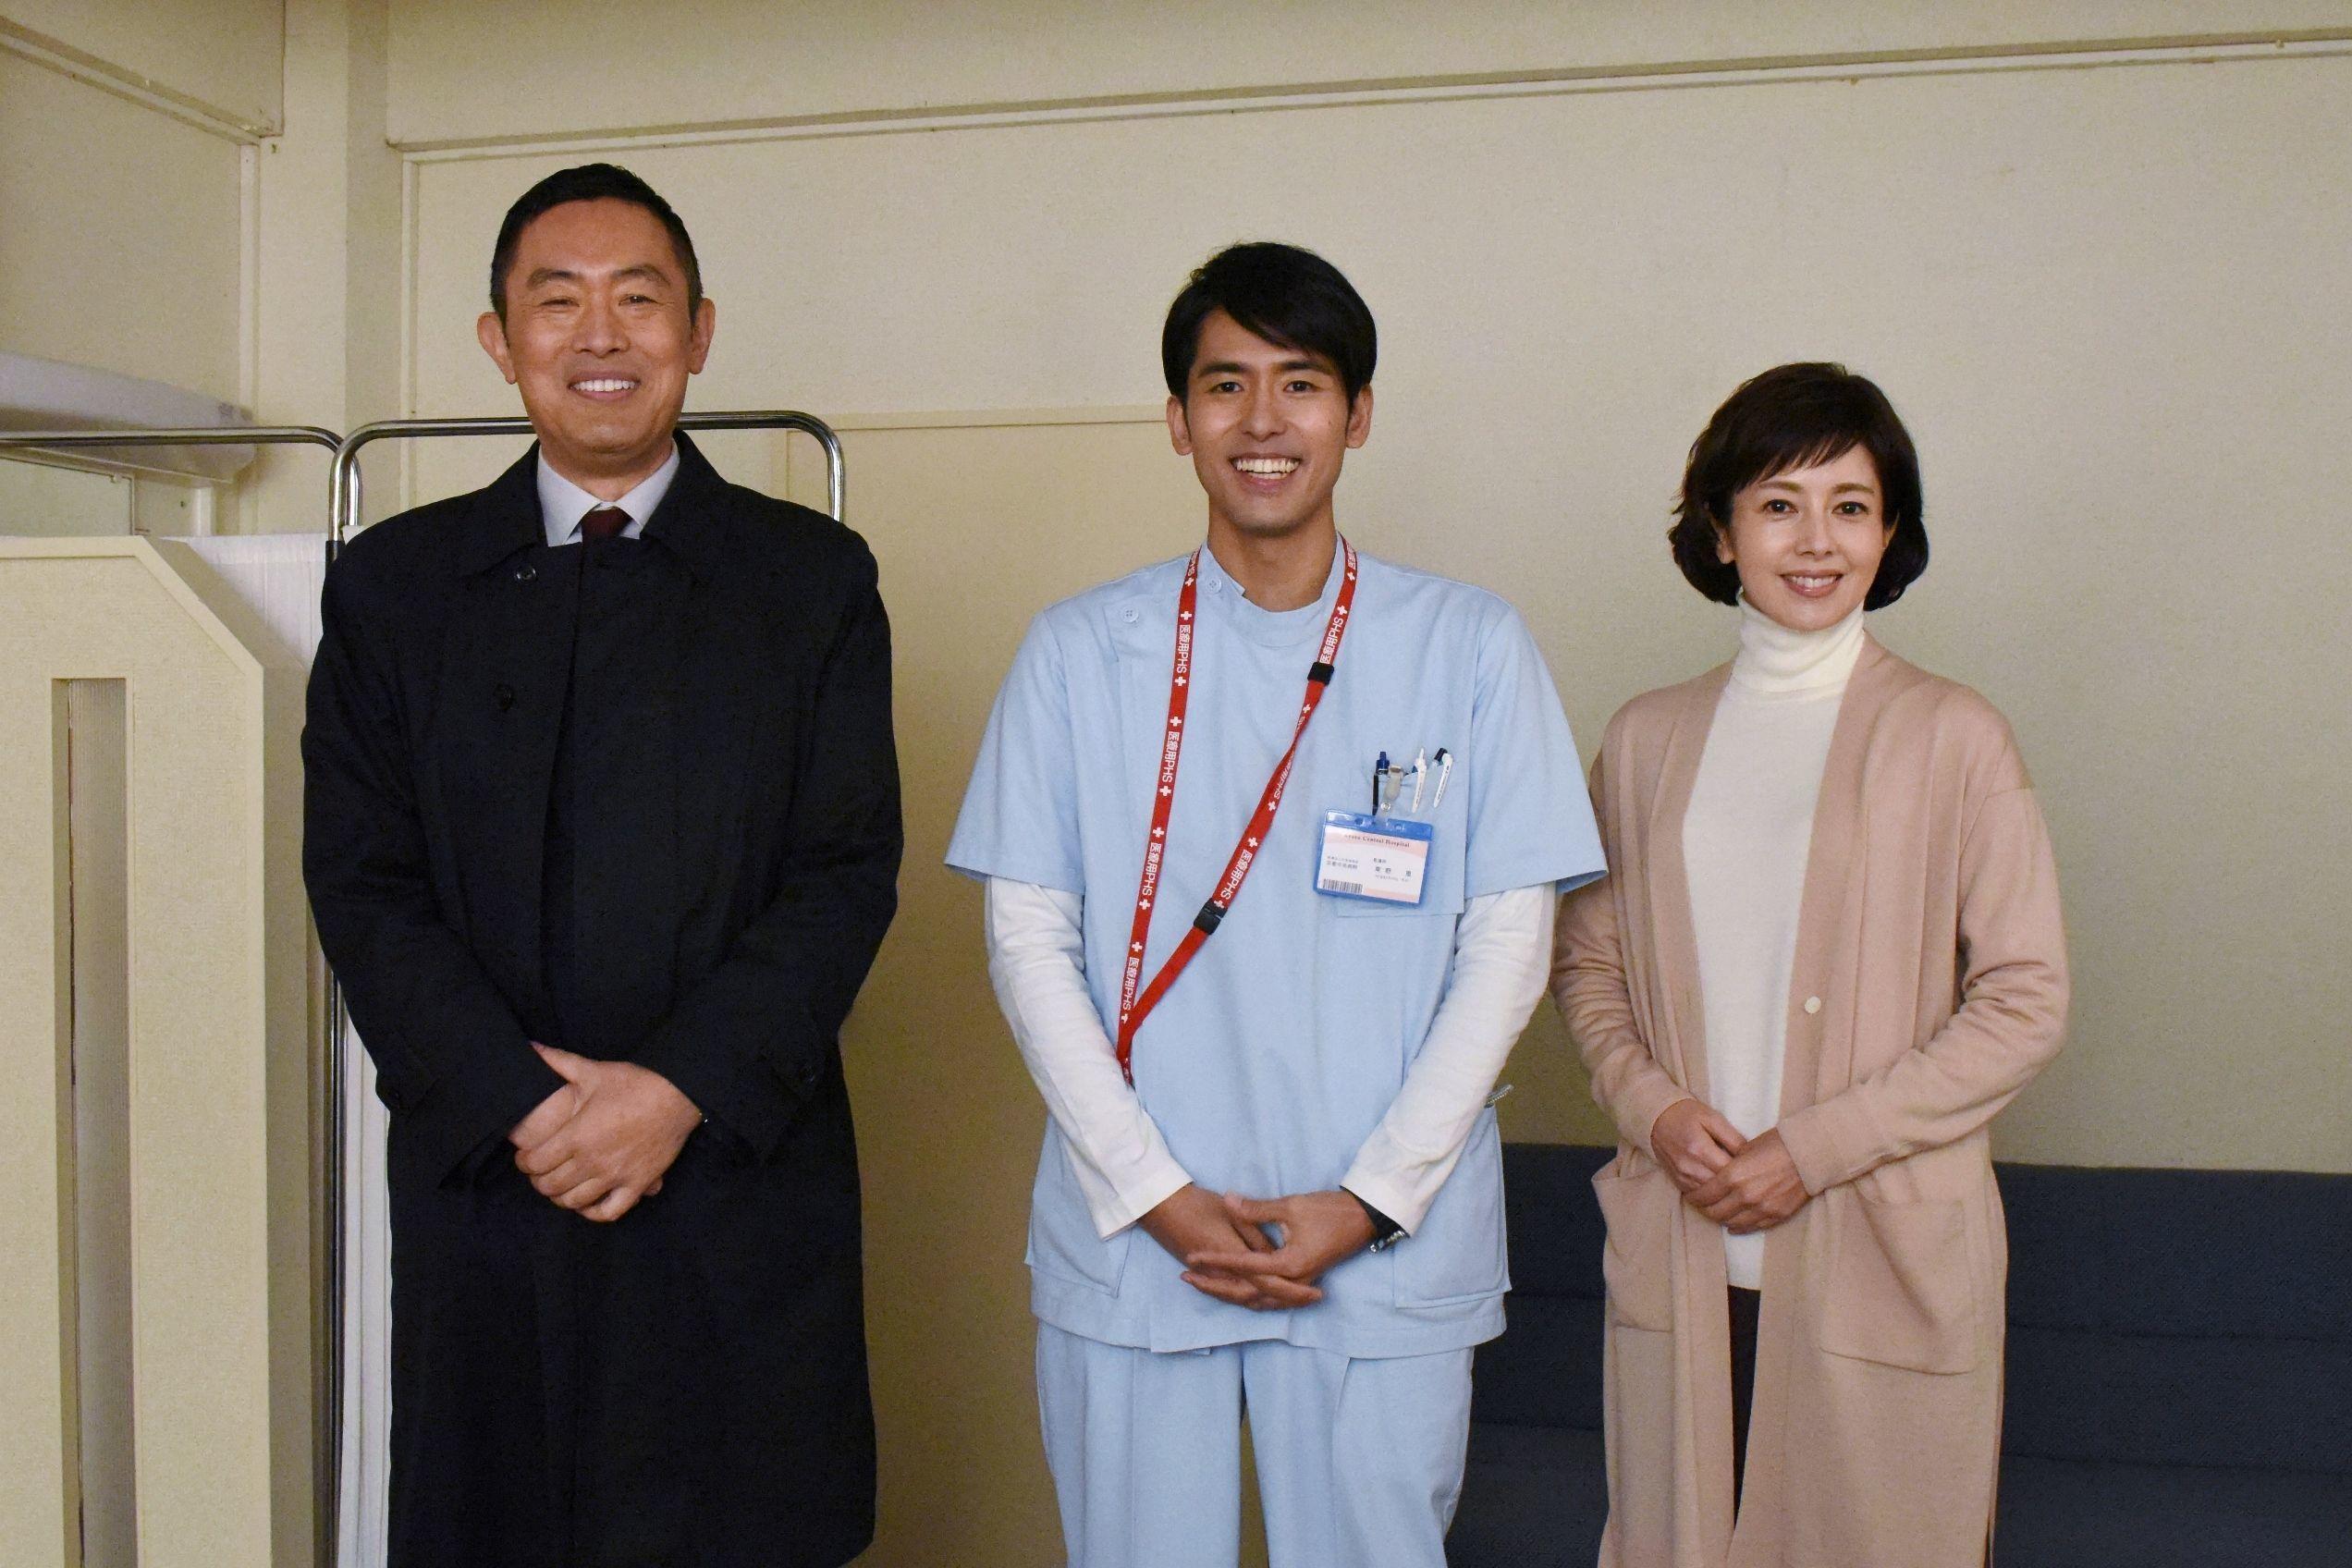 左から、内藤剛志、K、沢口靖子 ドラマ『科捜研の女』オフショット